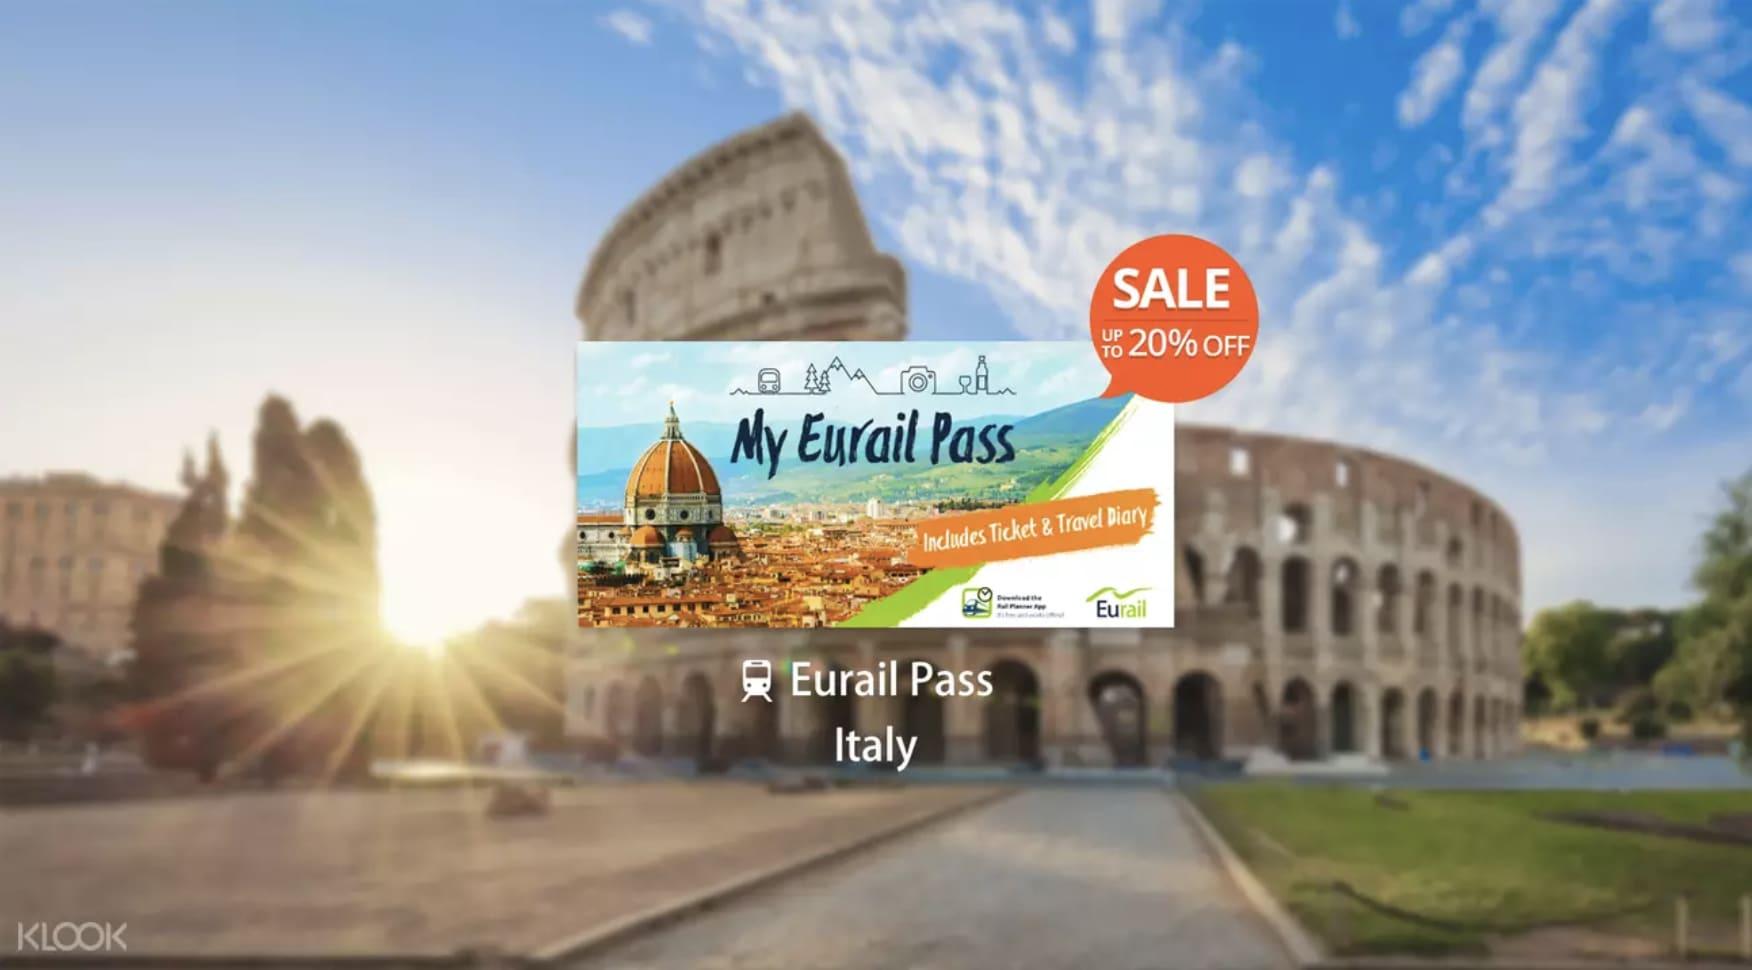 Italy eurail promo